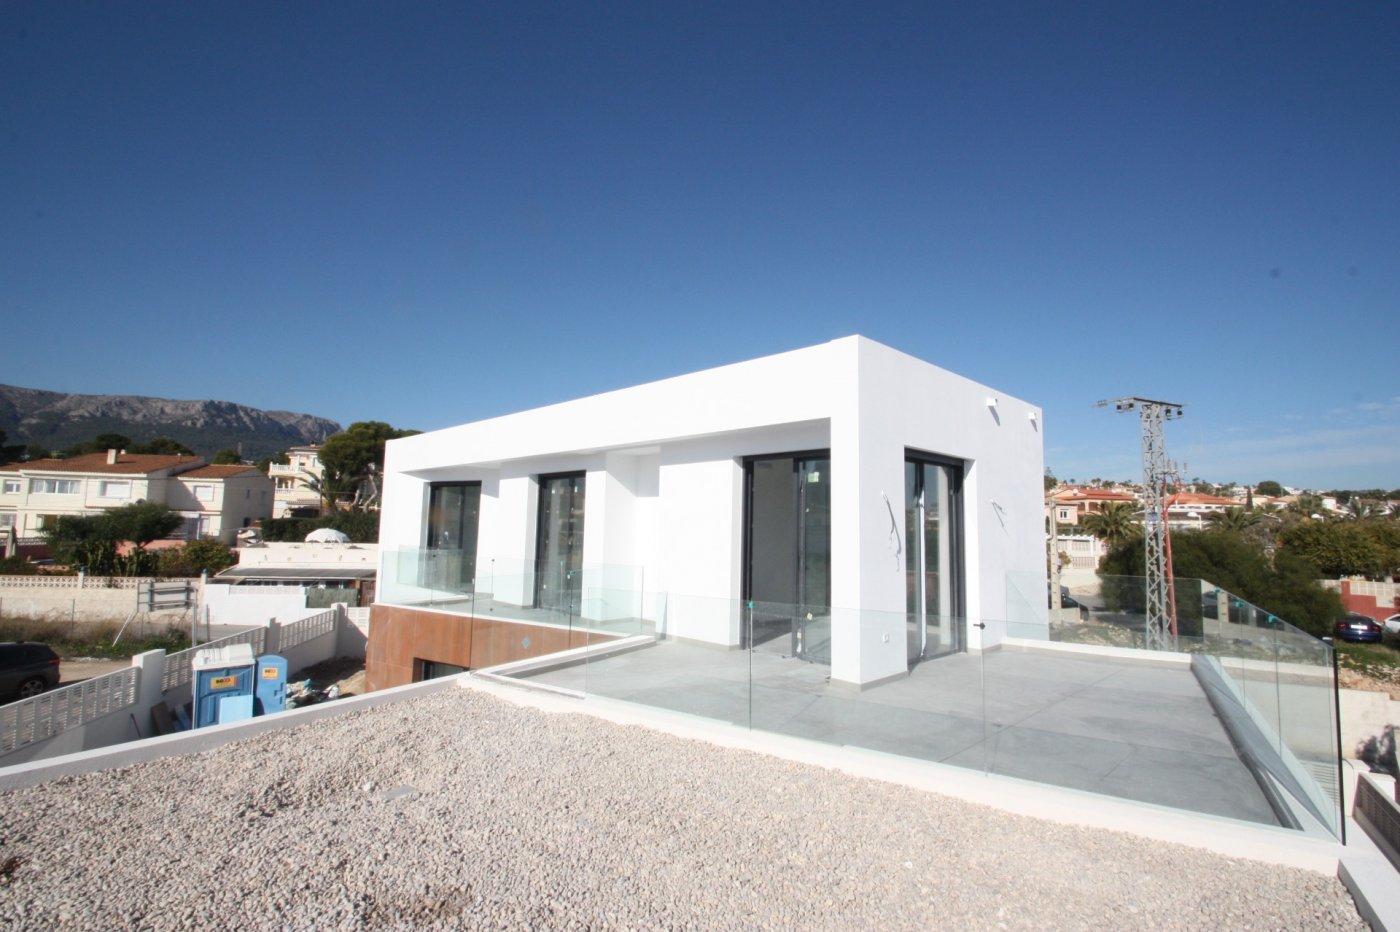 Villa de luxe à vendre avec vue sur la mer à Calpe - Costa Blanca